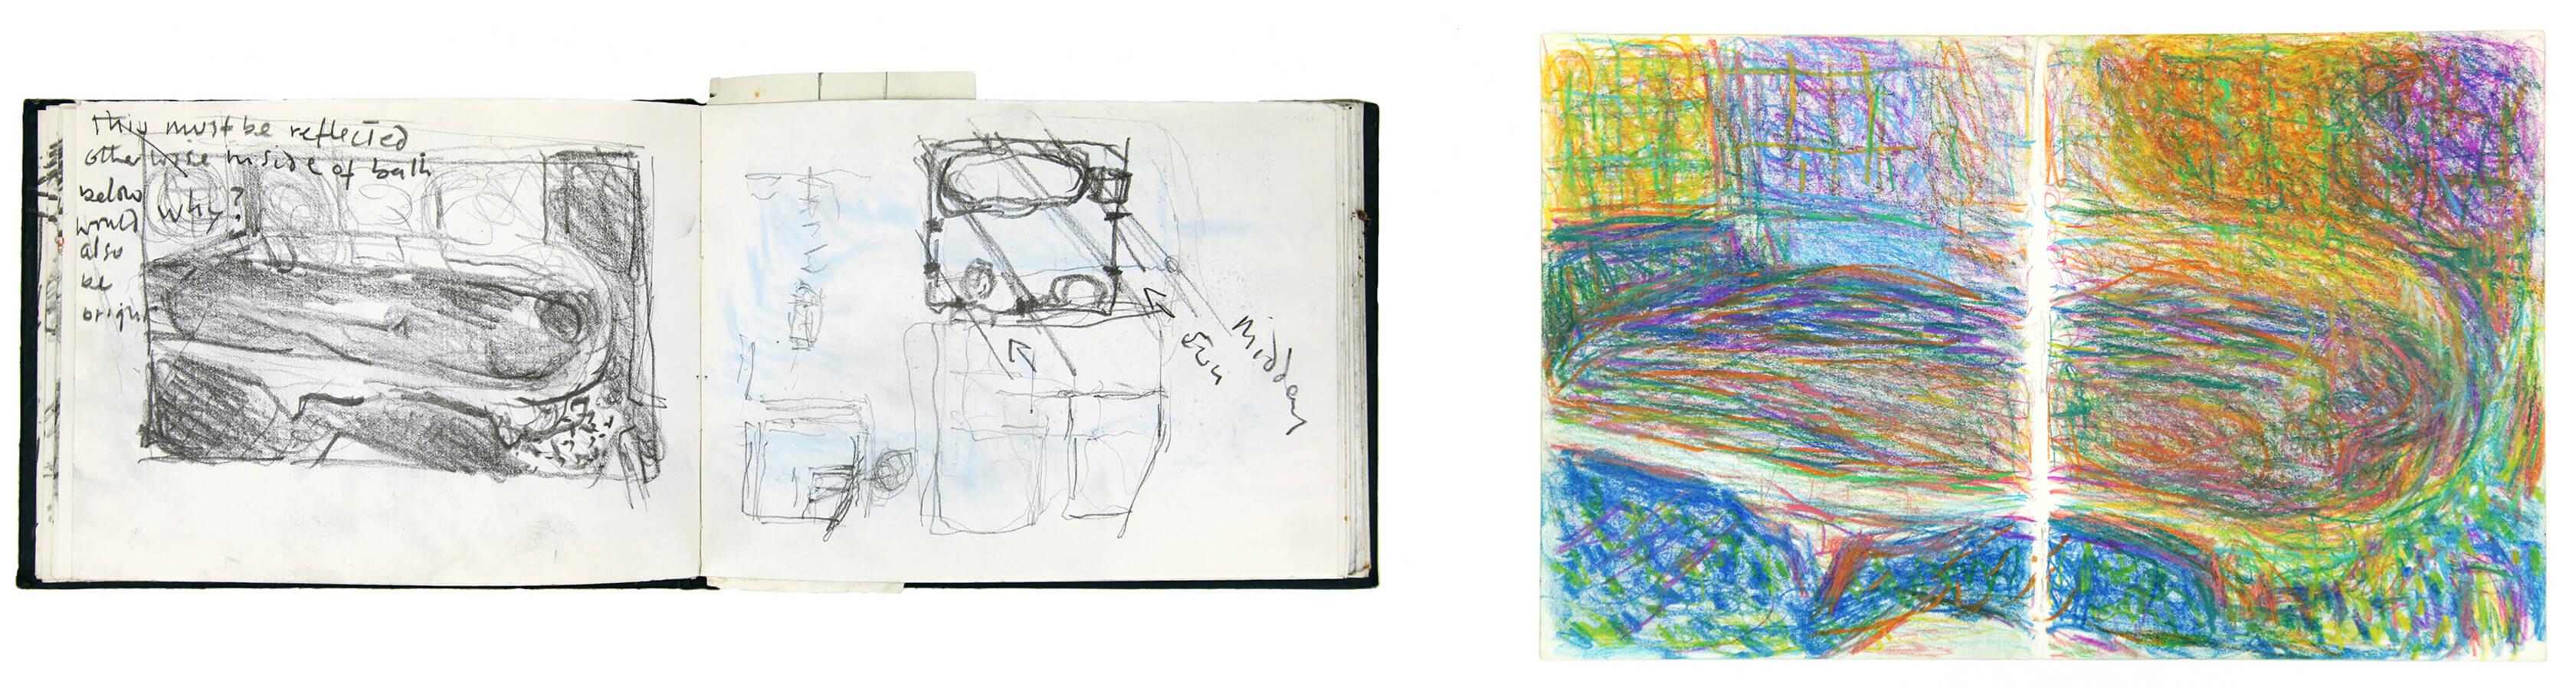 Sargy Mann, Bonnard Studies, Sketchbook, (Sargy Mann estate)